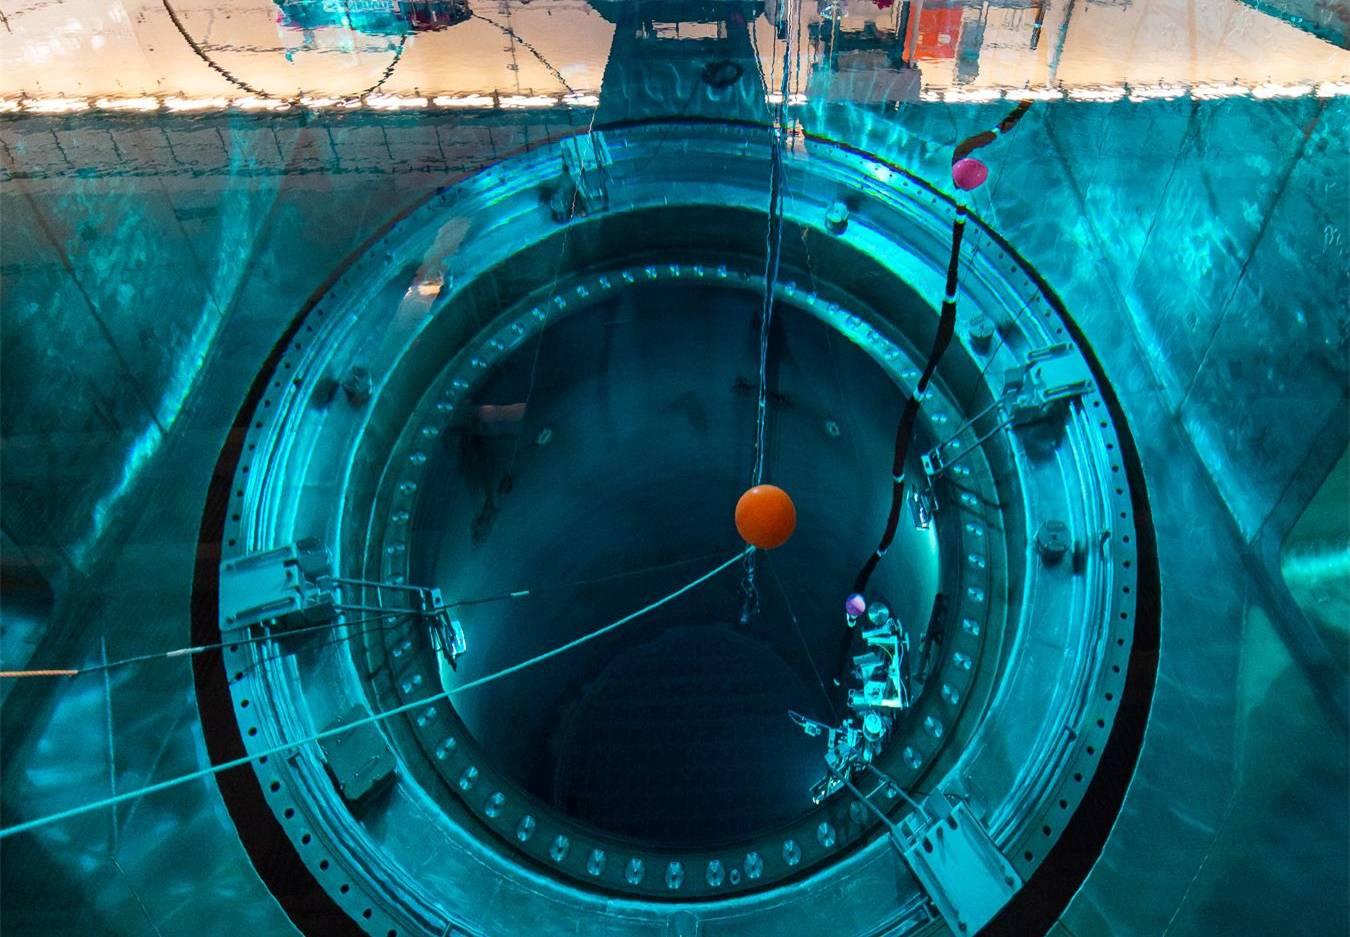 芬兰奥尔基洛托(Olkiluoto)核电站1号机组燃料存在技术偏差